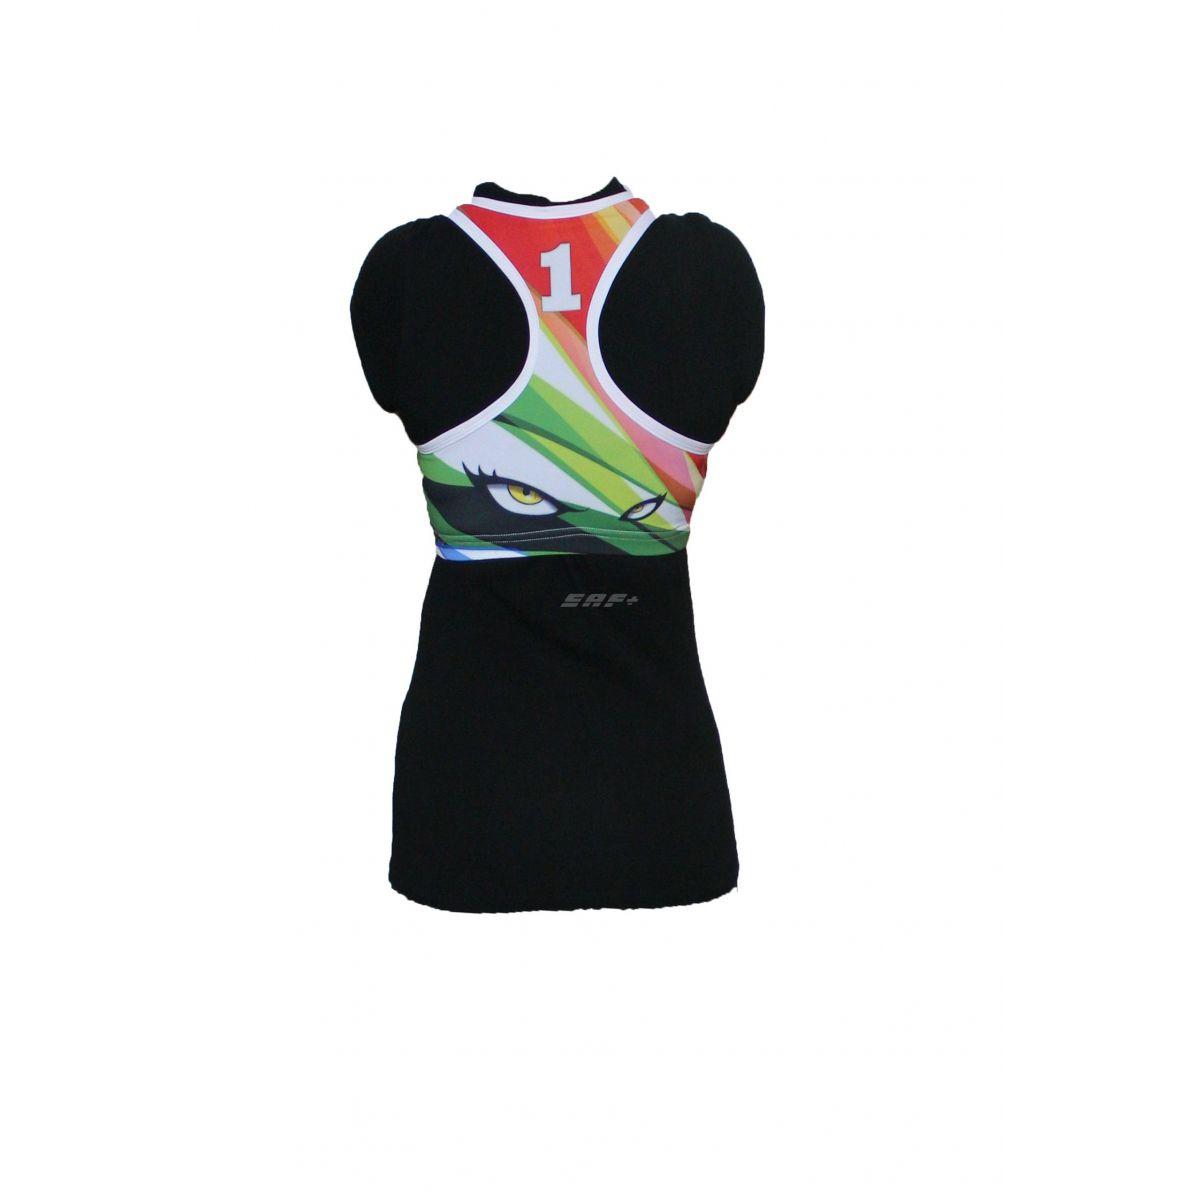 Топ женский для пляжного волейбола дизайн 0100